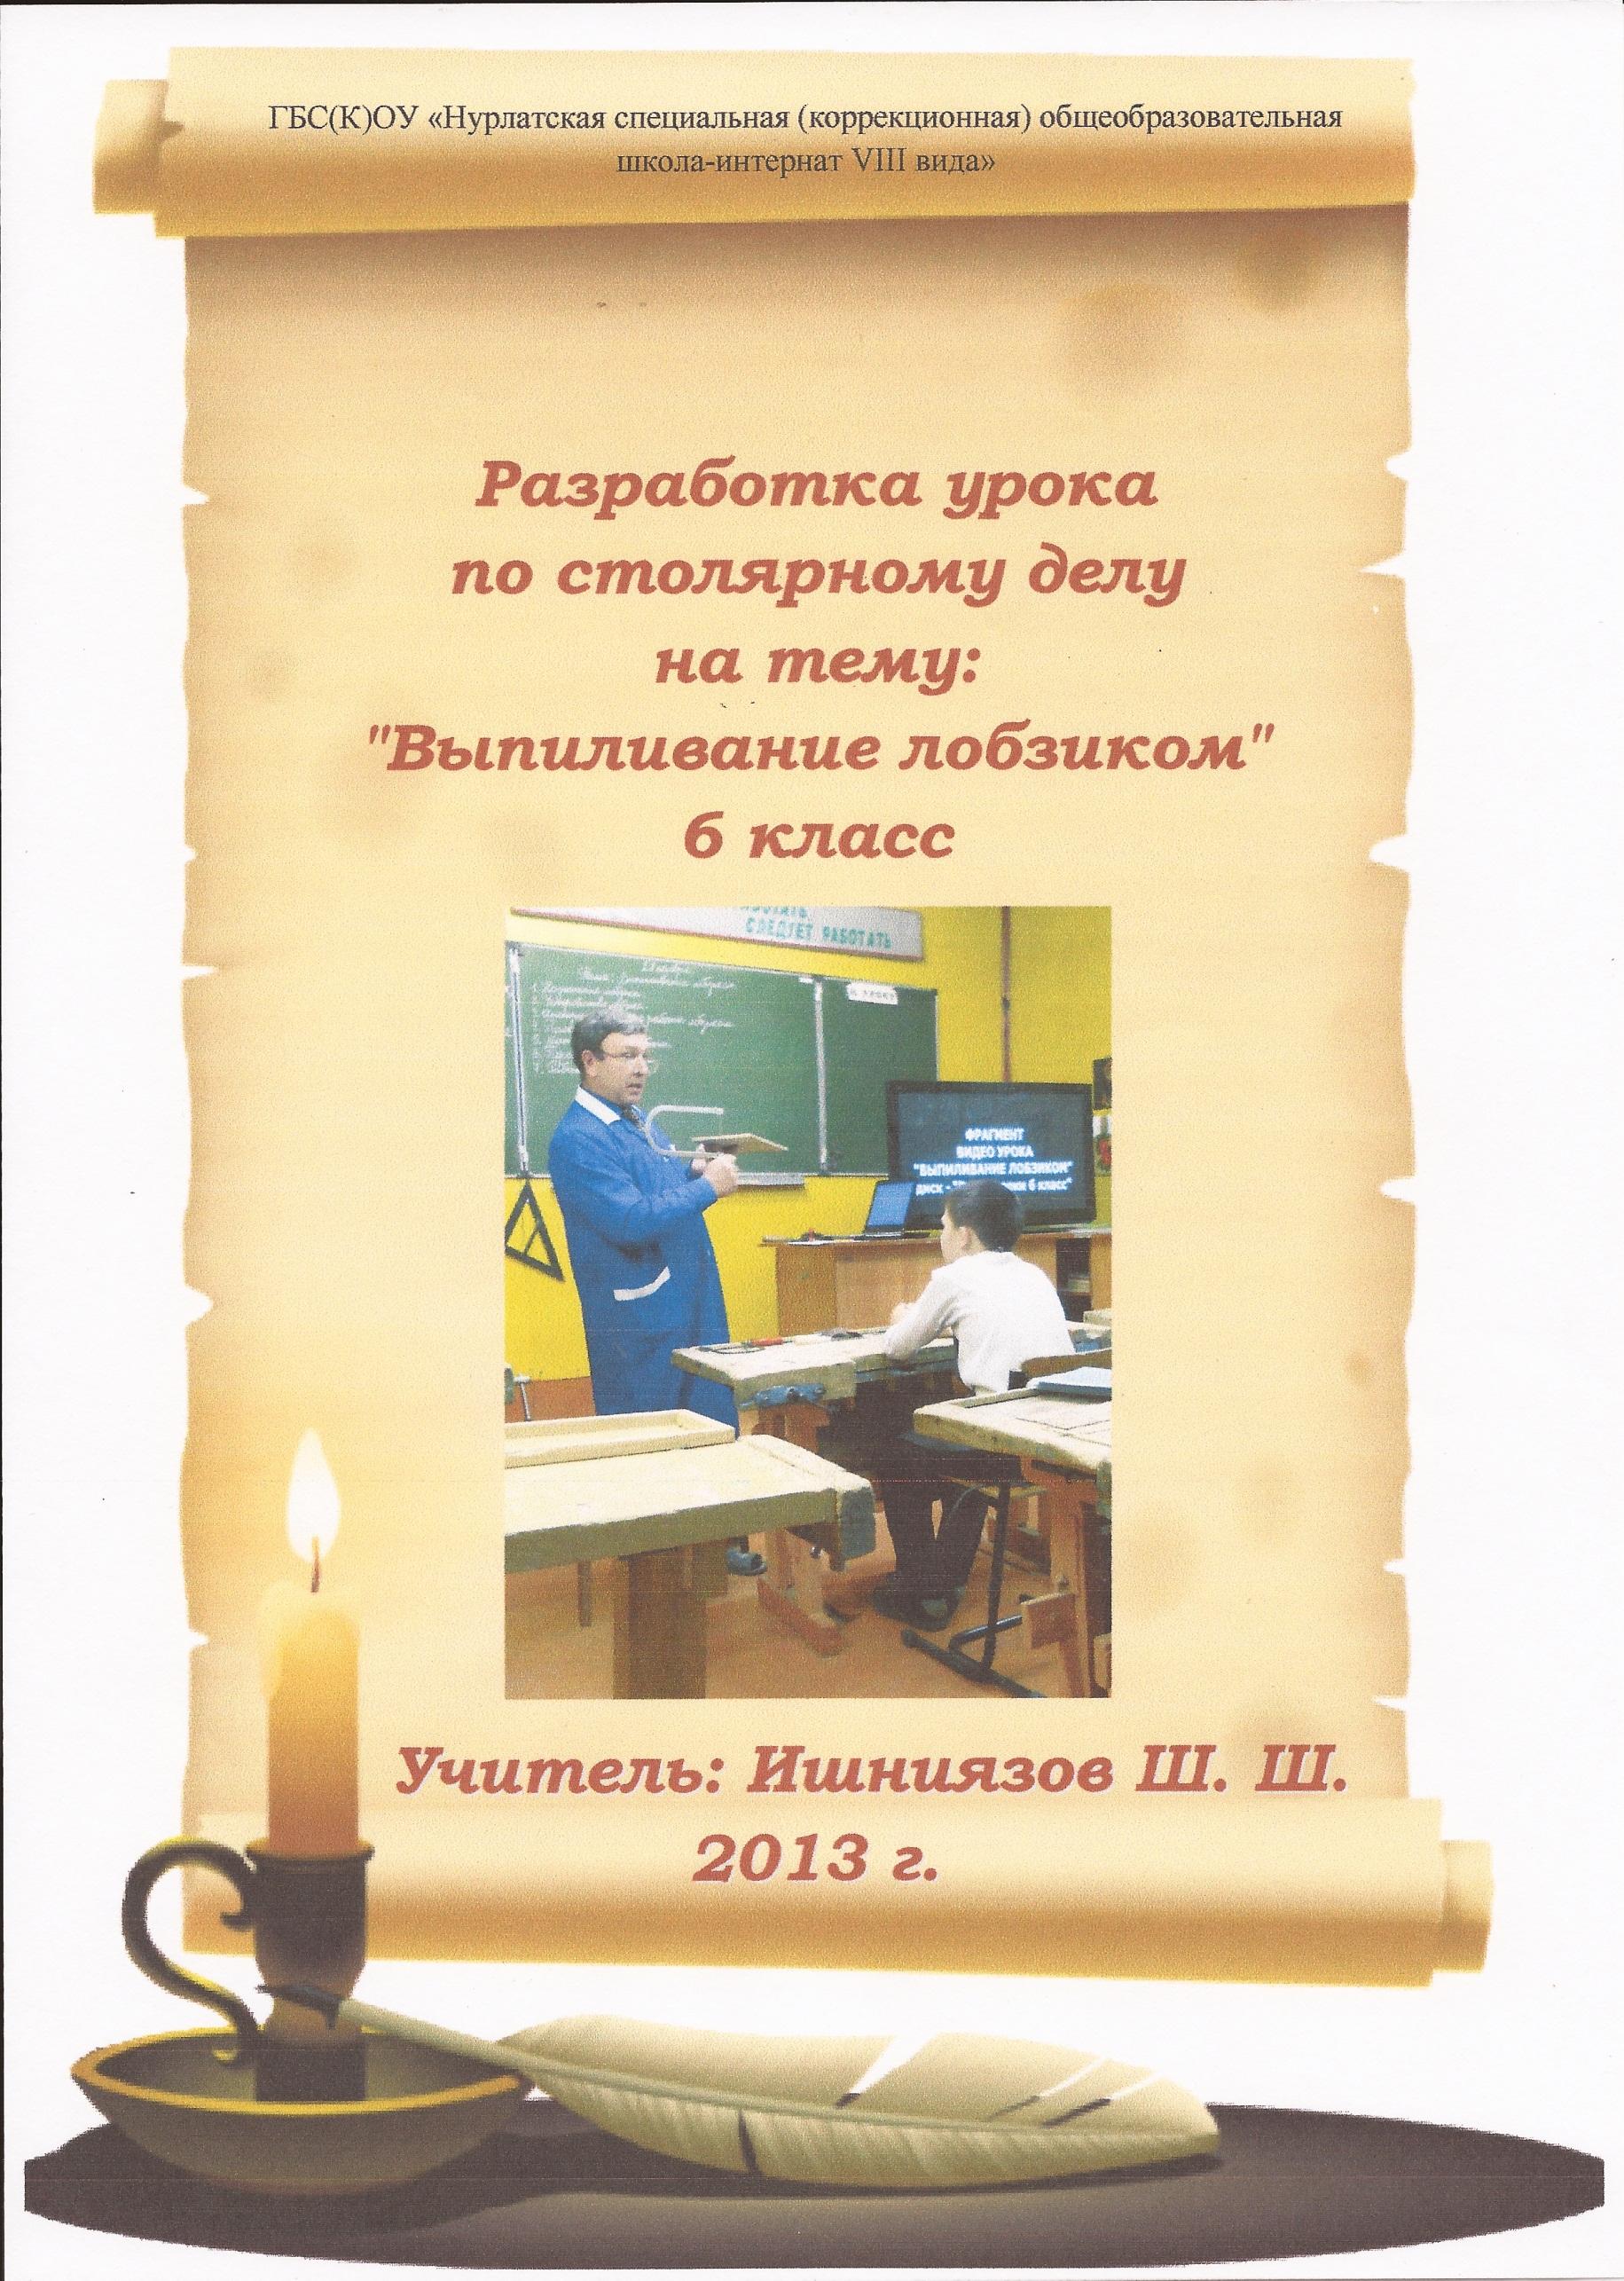 C:\Users\Людмила\Desktop\Грамоты Вахит\Ишнизов0002.tif